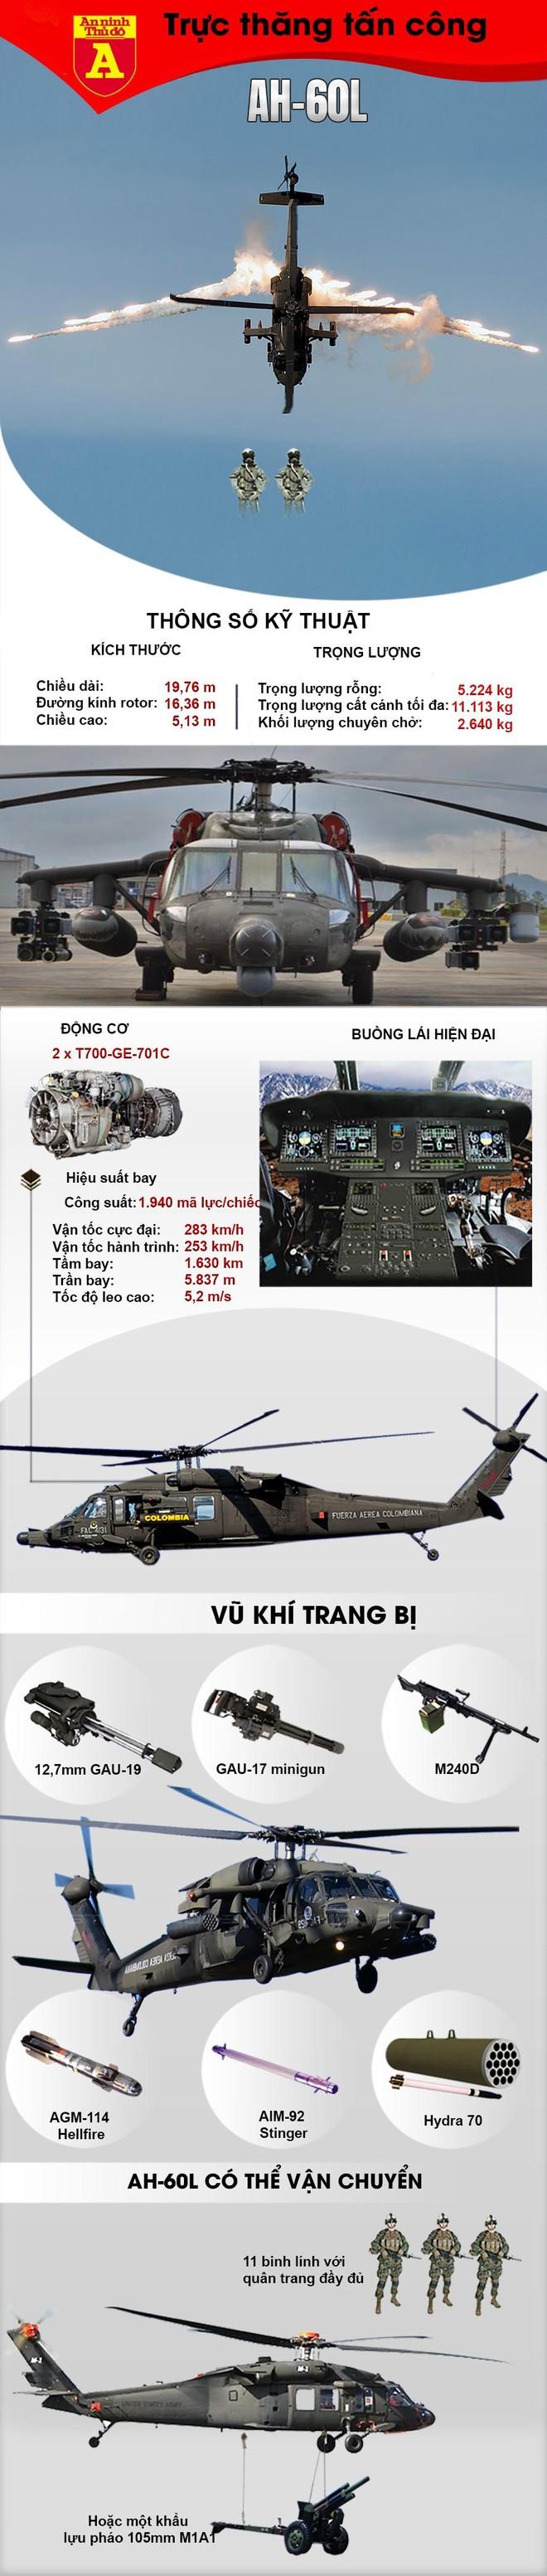 """[Info] AH-60L Mỹ, đối thủ xứng tầm của Mi-8AMTSh """"Kẻ hủy diệt"""" Nga ảnh 2"""